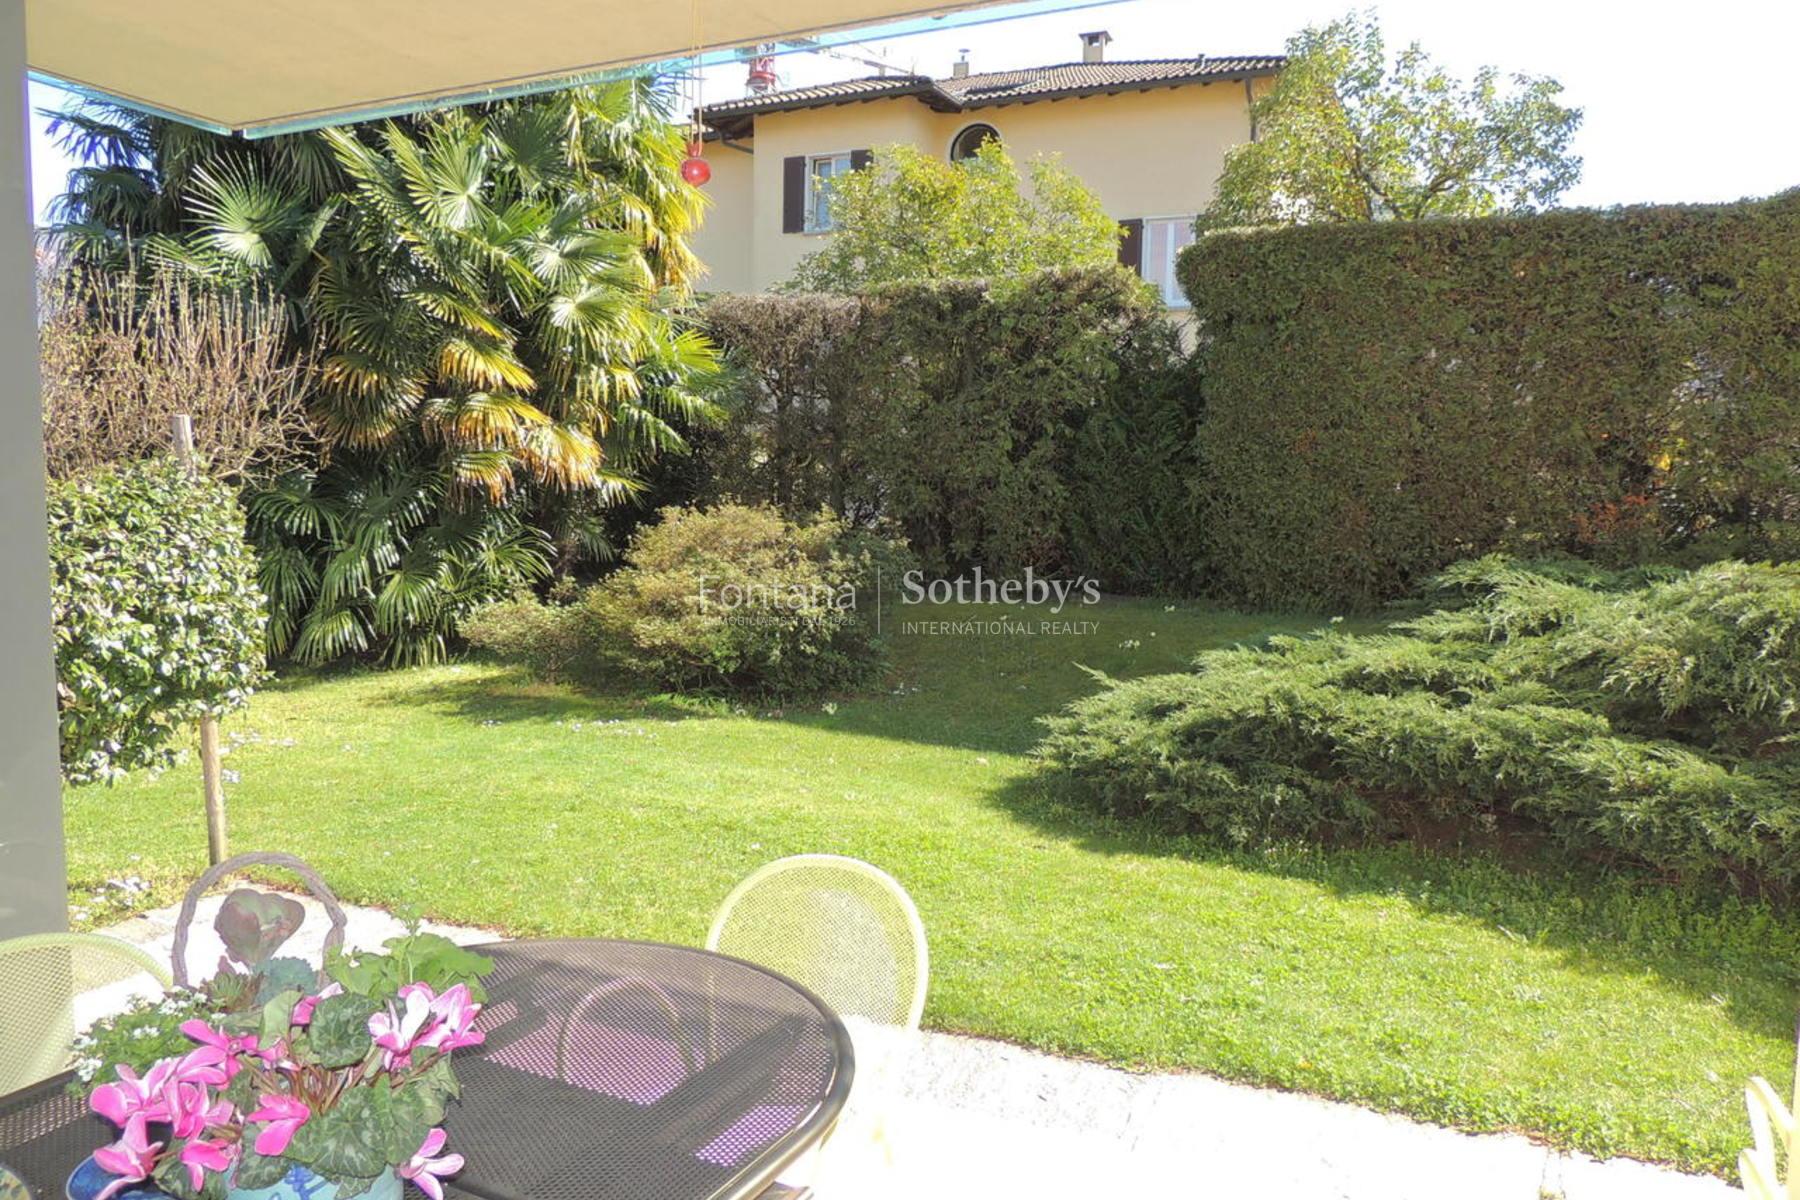 Apartment for Sale at Bright apartment with private garden Gentilino Gentilino, Ticino 6925 Switzerland